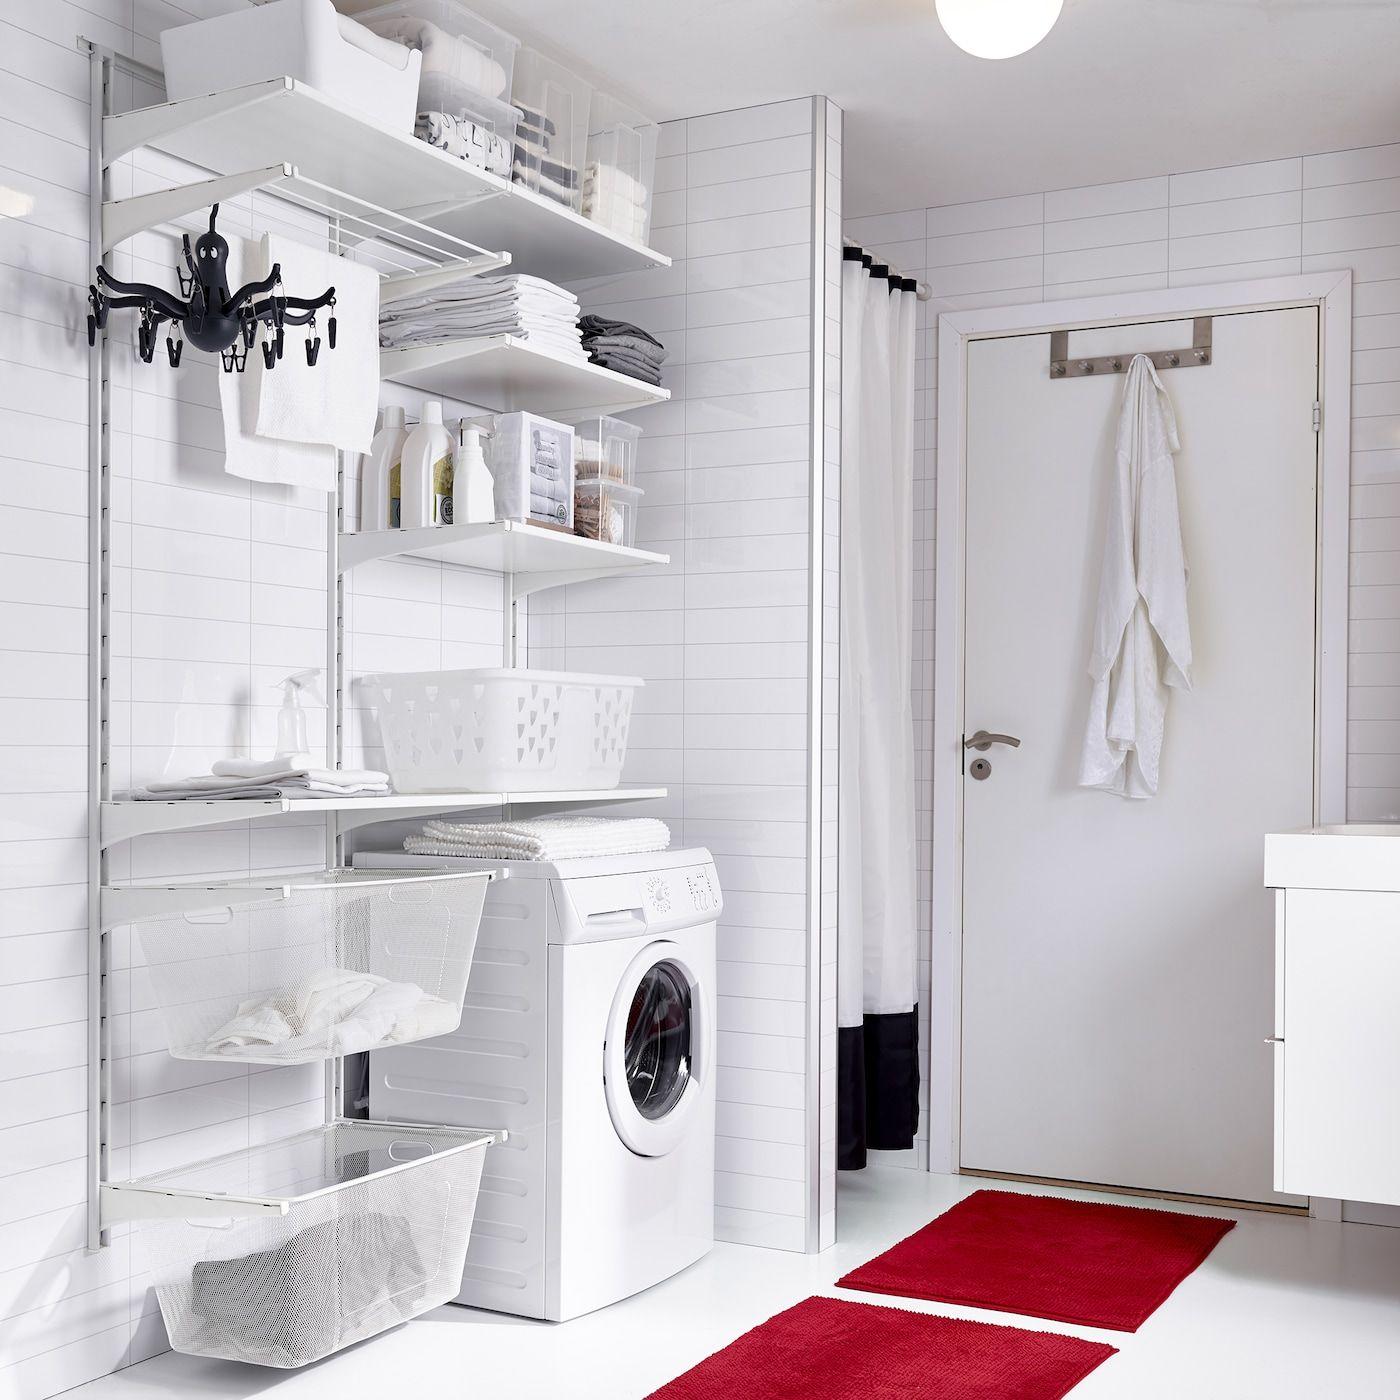 Aufbewahrungsmoglichkeiten Im Waschraum In 2020 Waschraum Waschkuche Mobel Waschelager